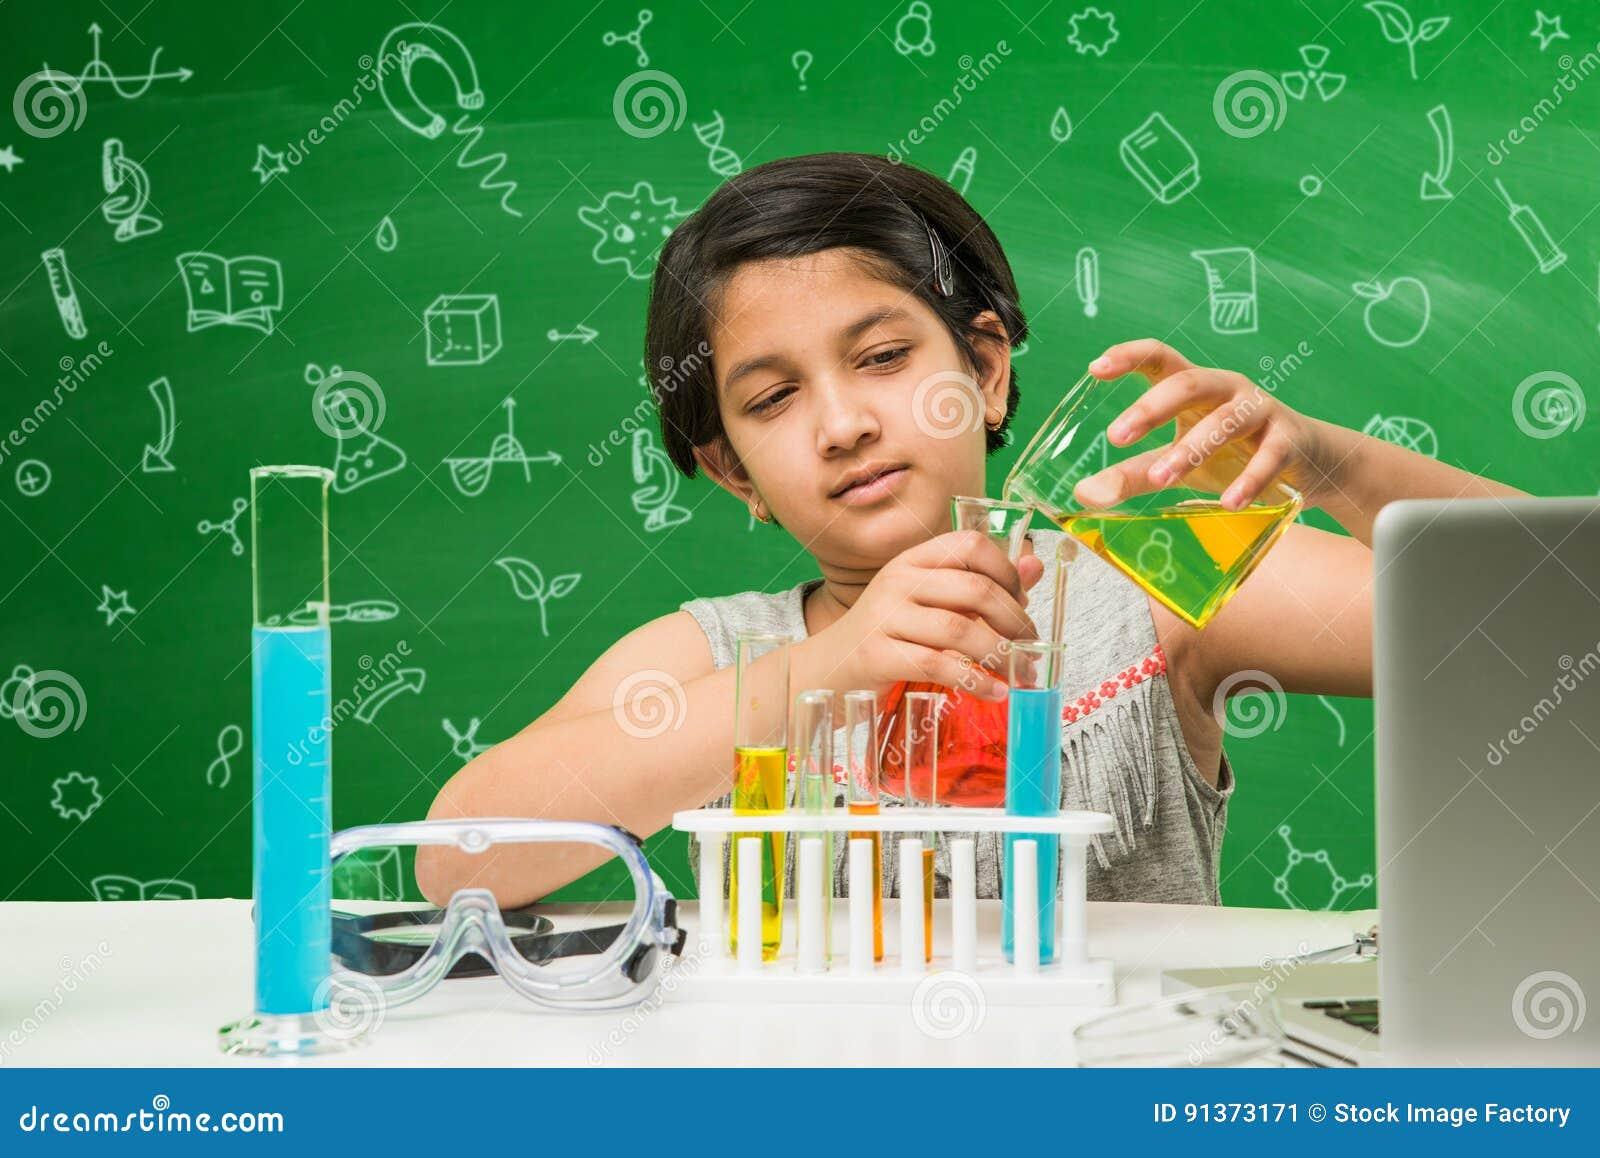 Indische kinder und wissenschaft stockbild bild von ausrüstung